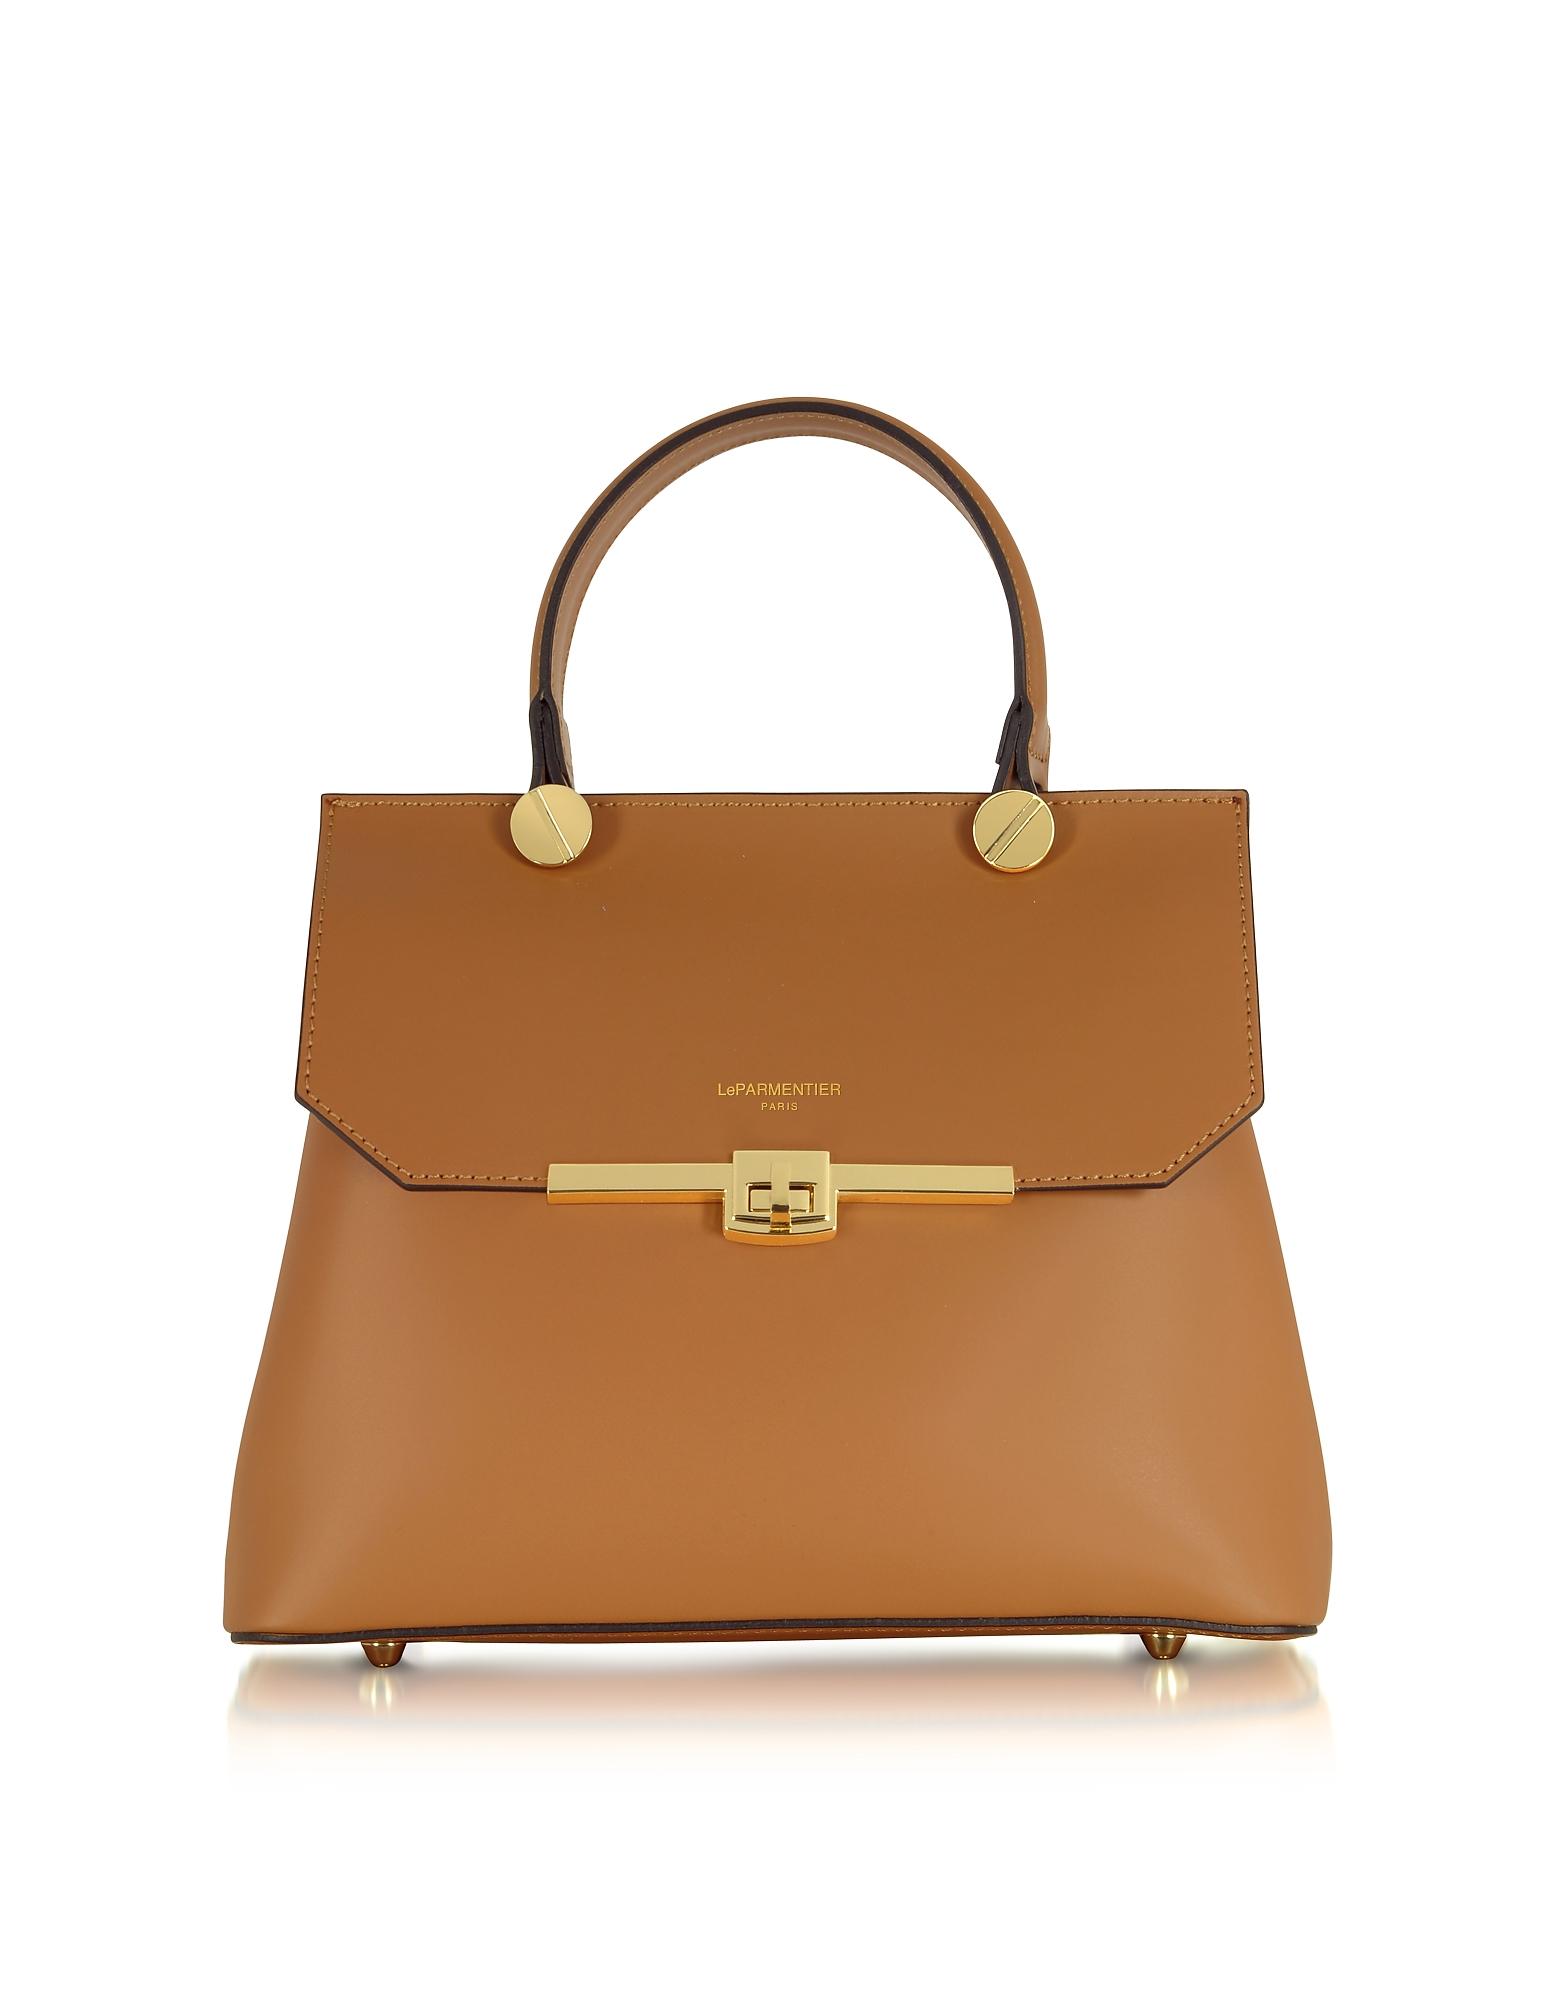 Le Parmentier Designer Handbags, Atlanta Top Handle Satchel Bag (Luggage & Bags) photo